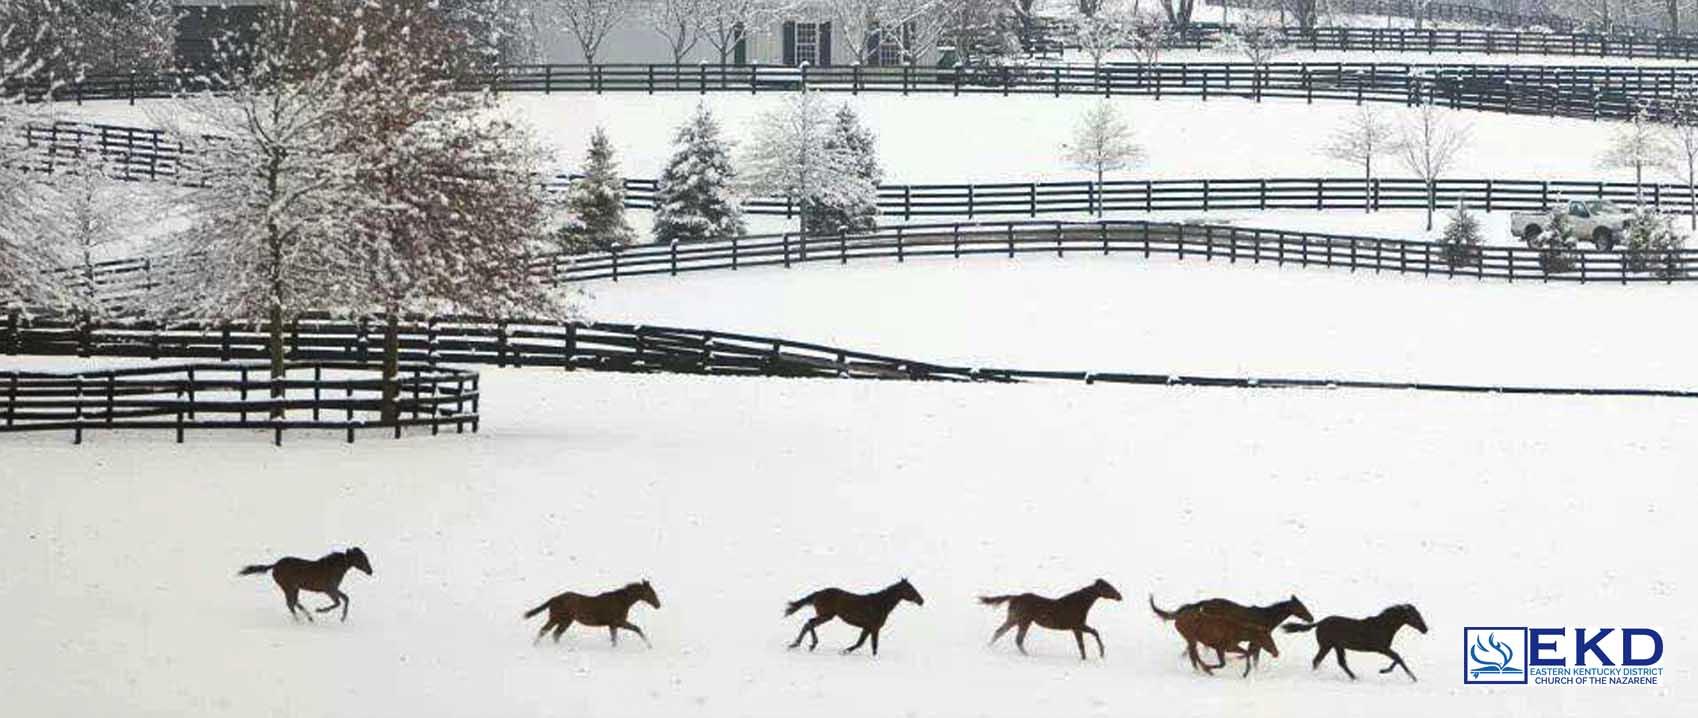 Kentucky Winter.jpg